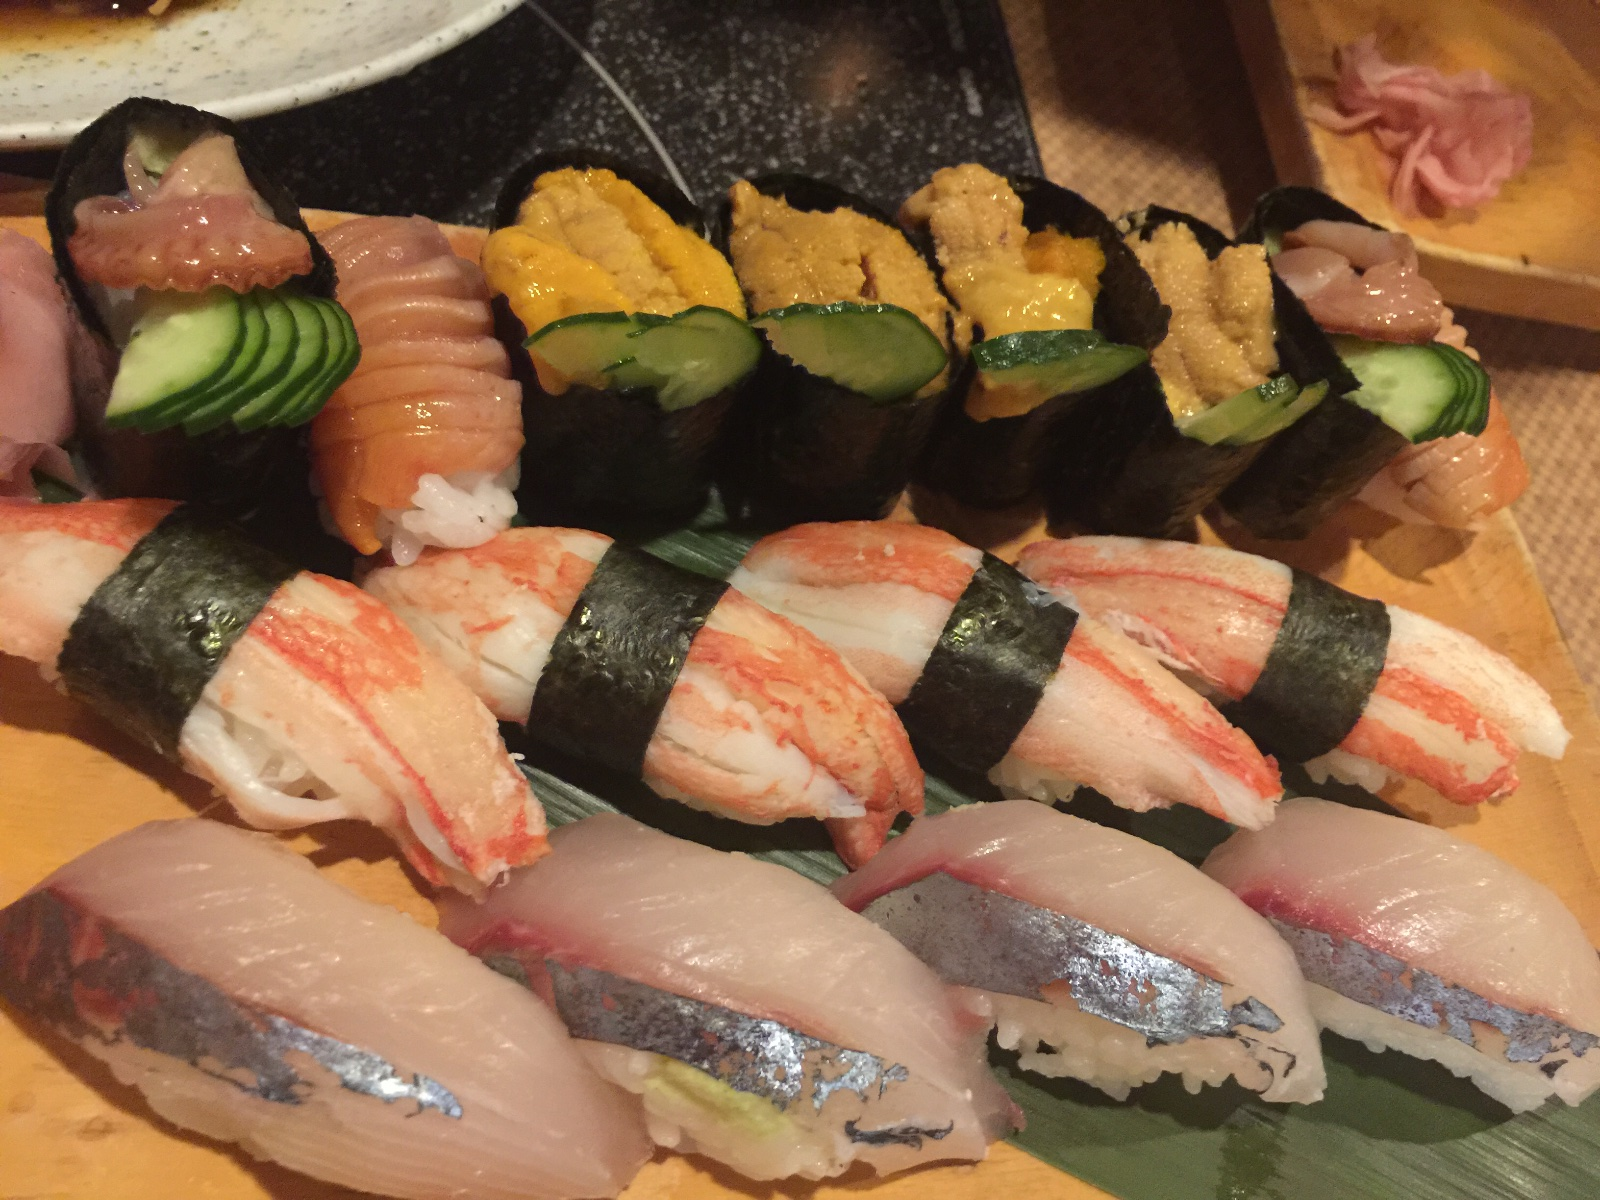 通天閣新世界寿司ろく鮮寿司盛り合わせ